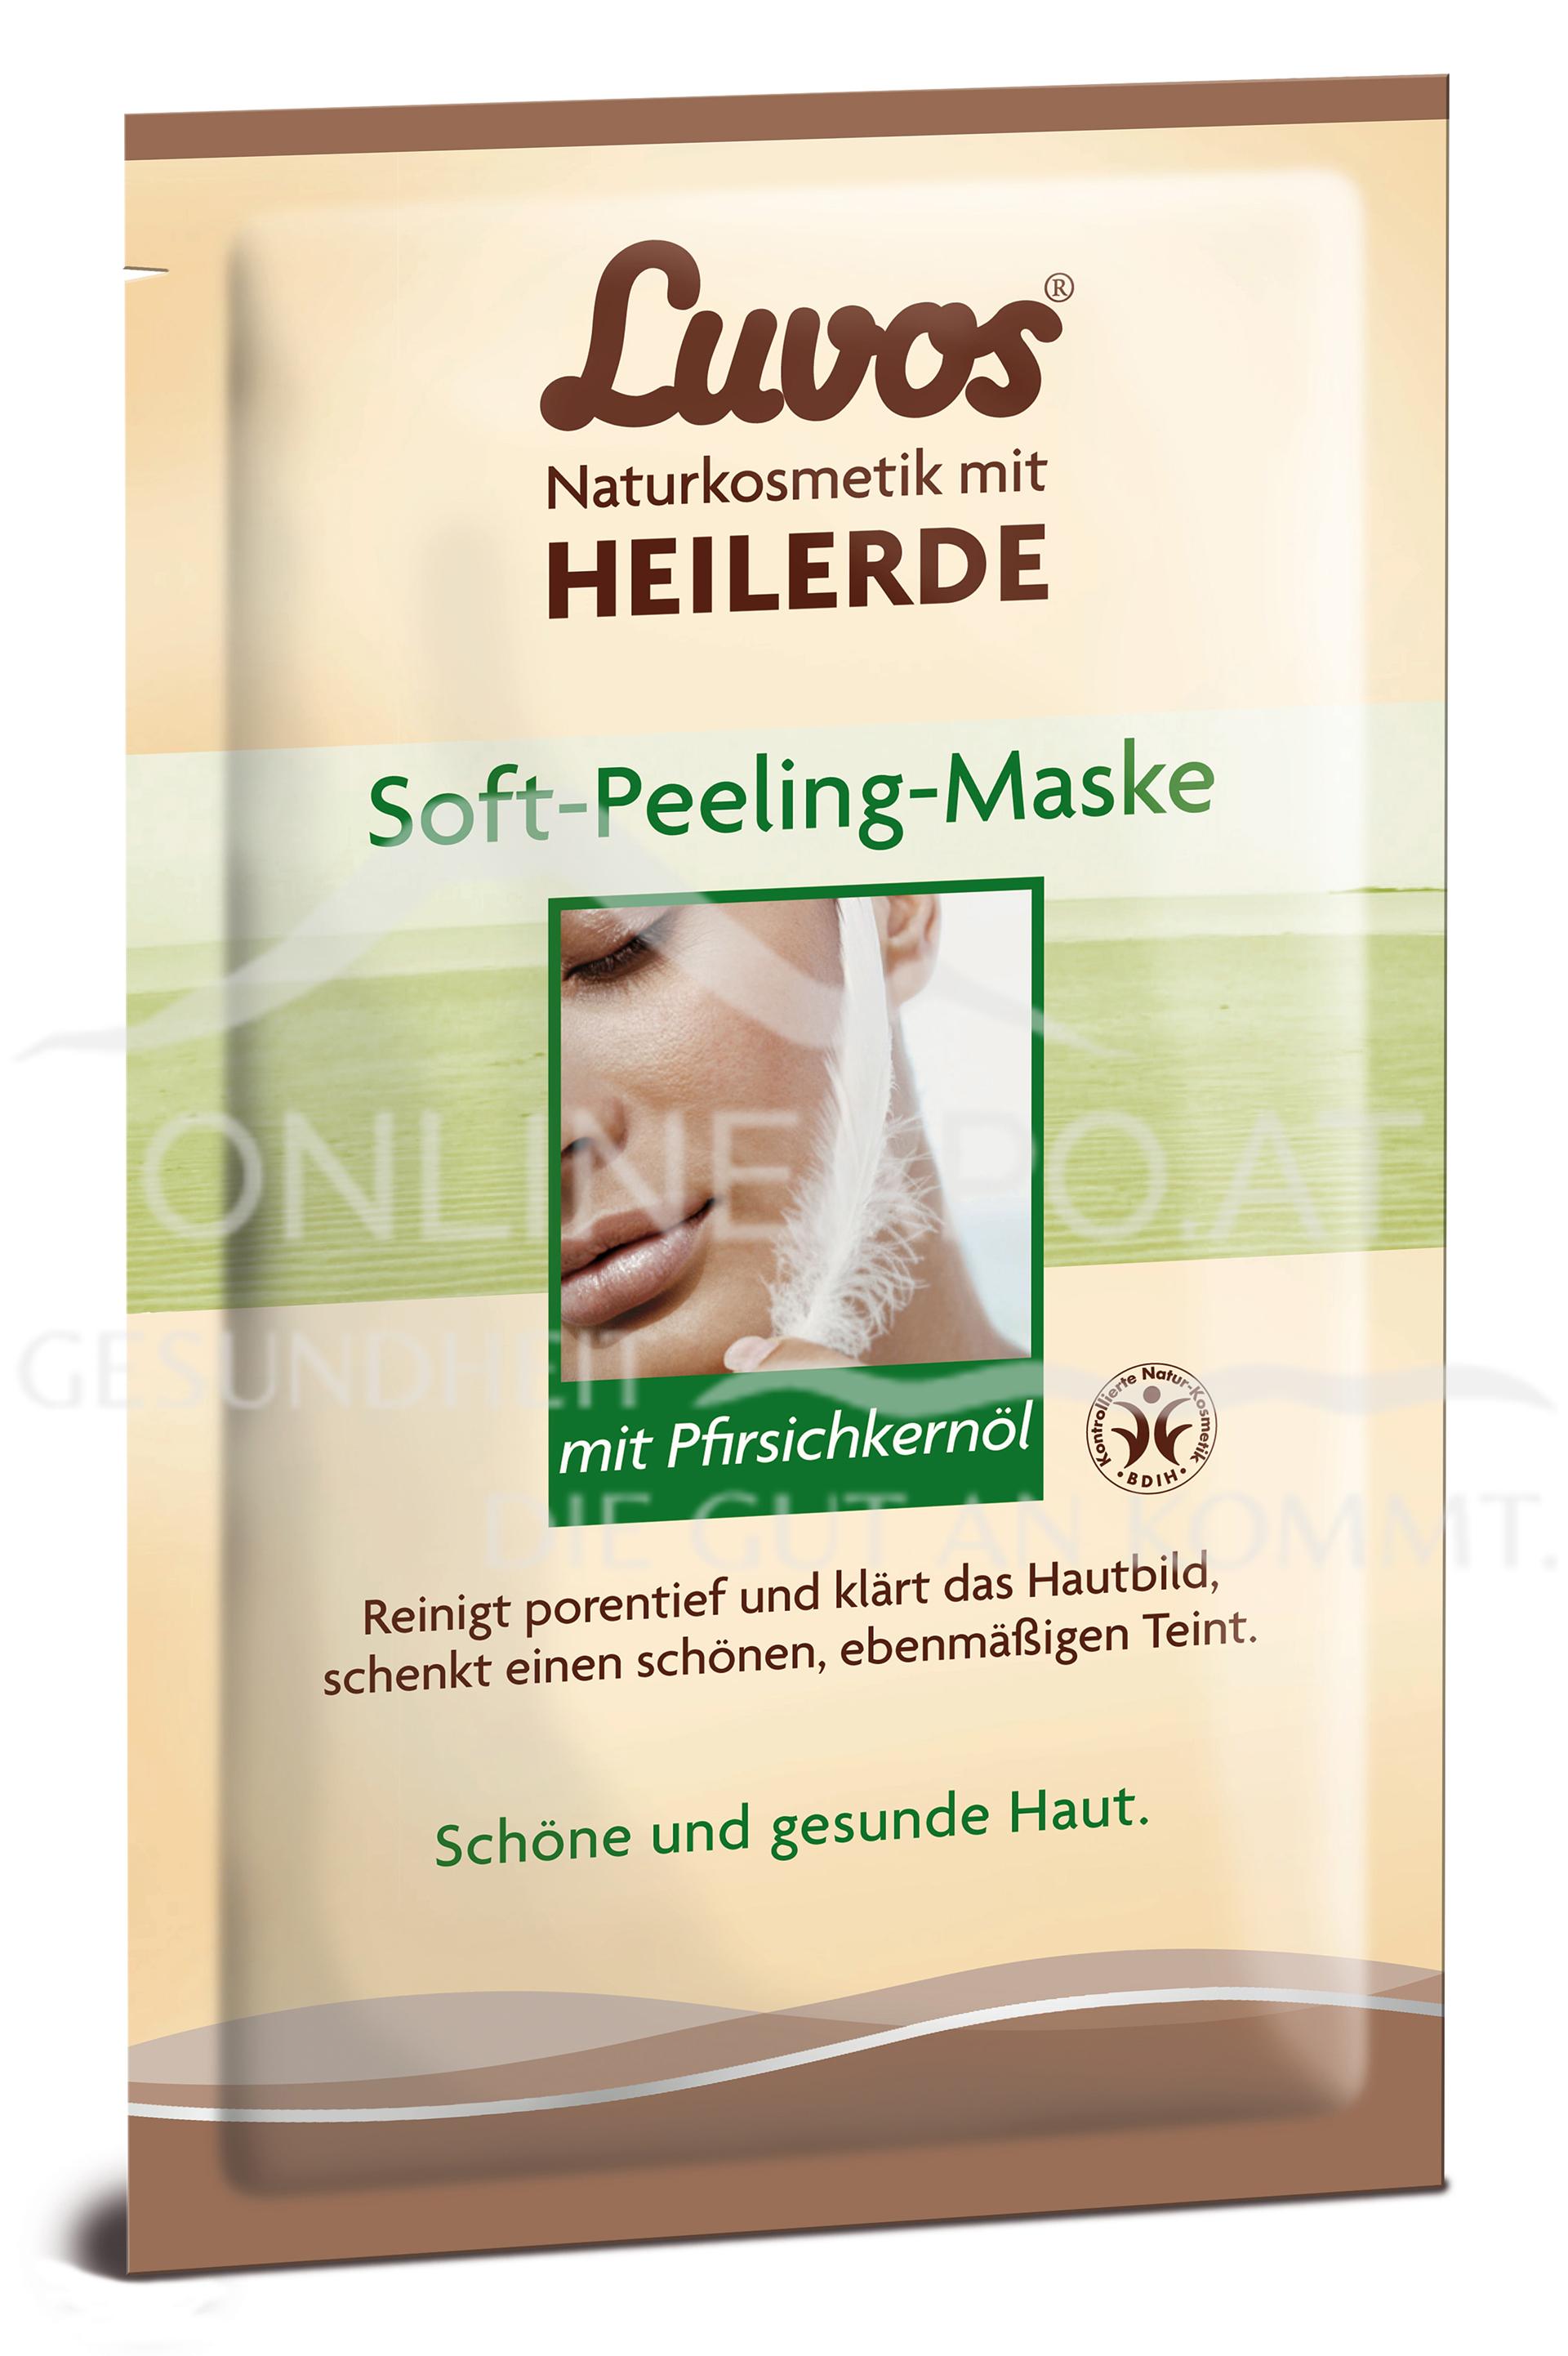 Luvos Heilerde Gesichtsmaske Peeling